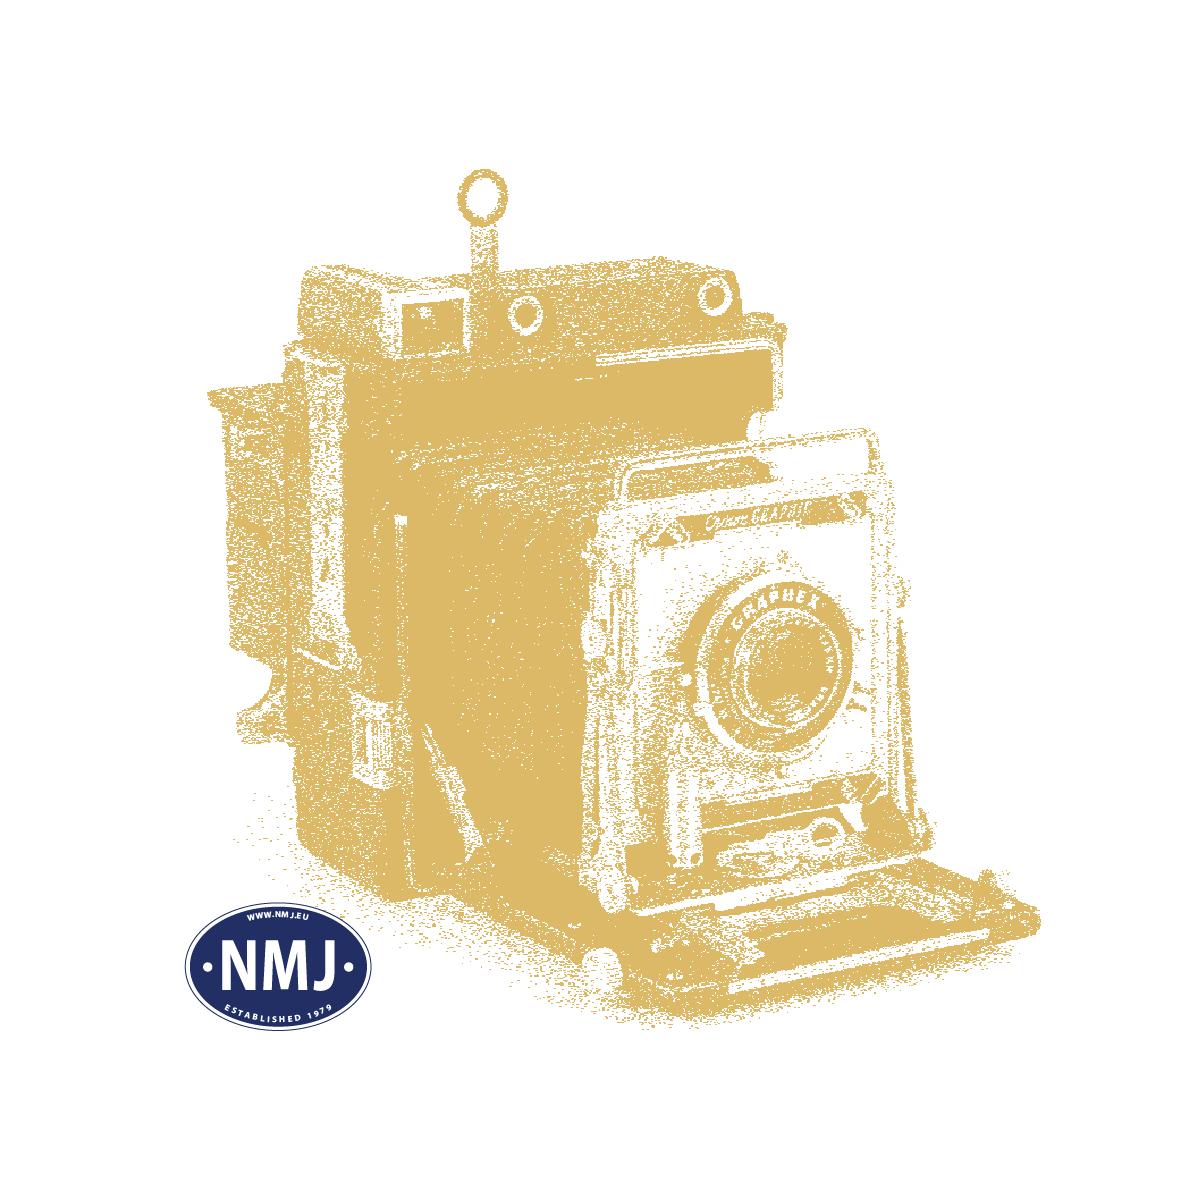 NMJT505.502 - NMJ Topline NSB Rps 31 76 393 239-2 stakevogn med trelast